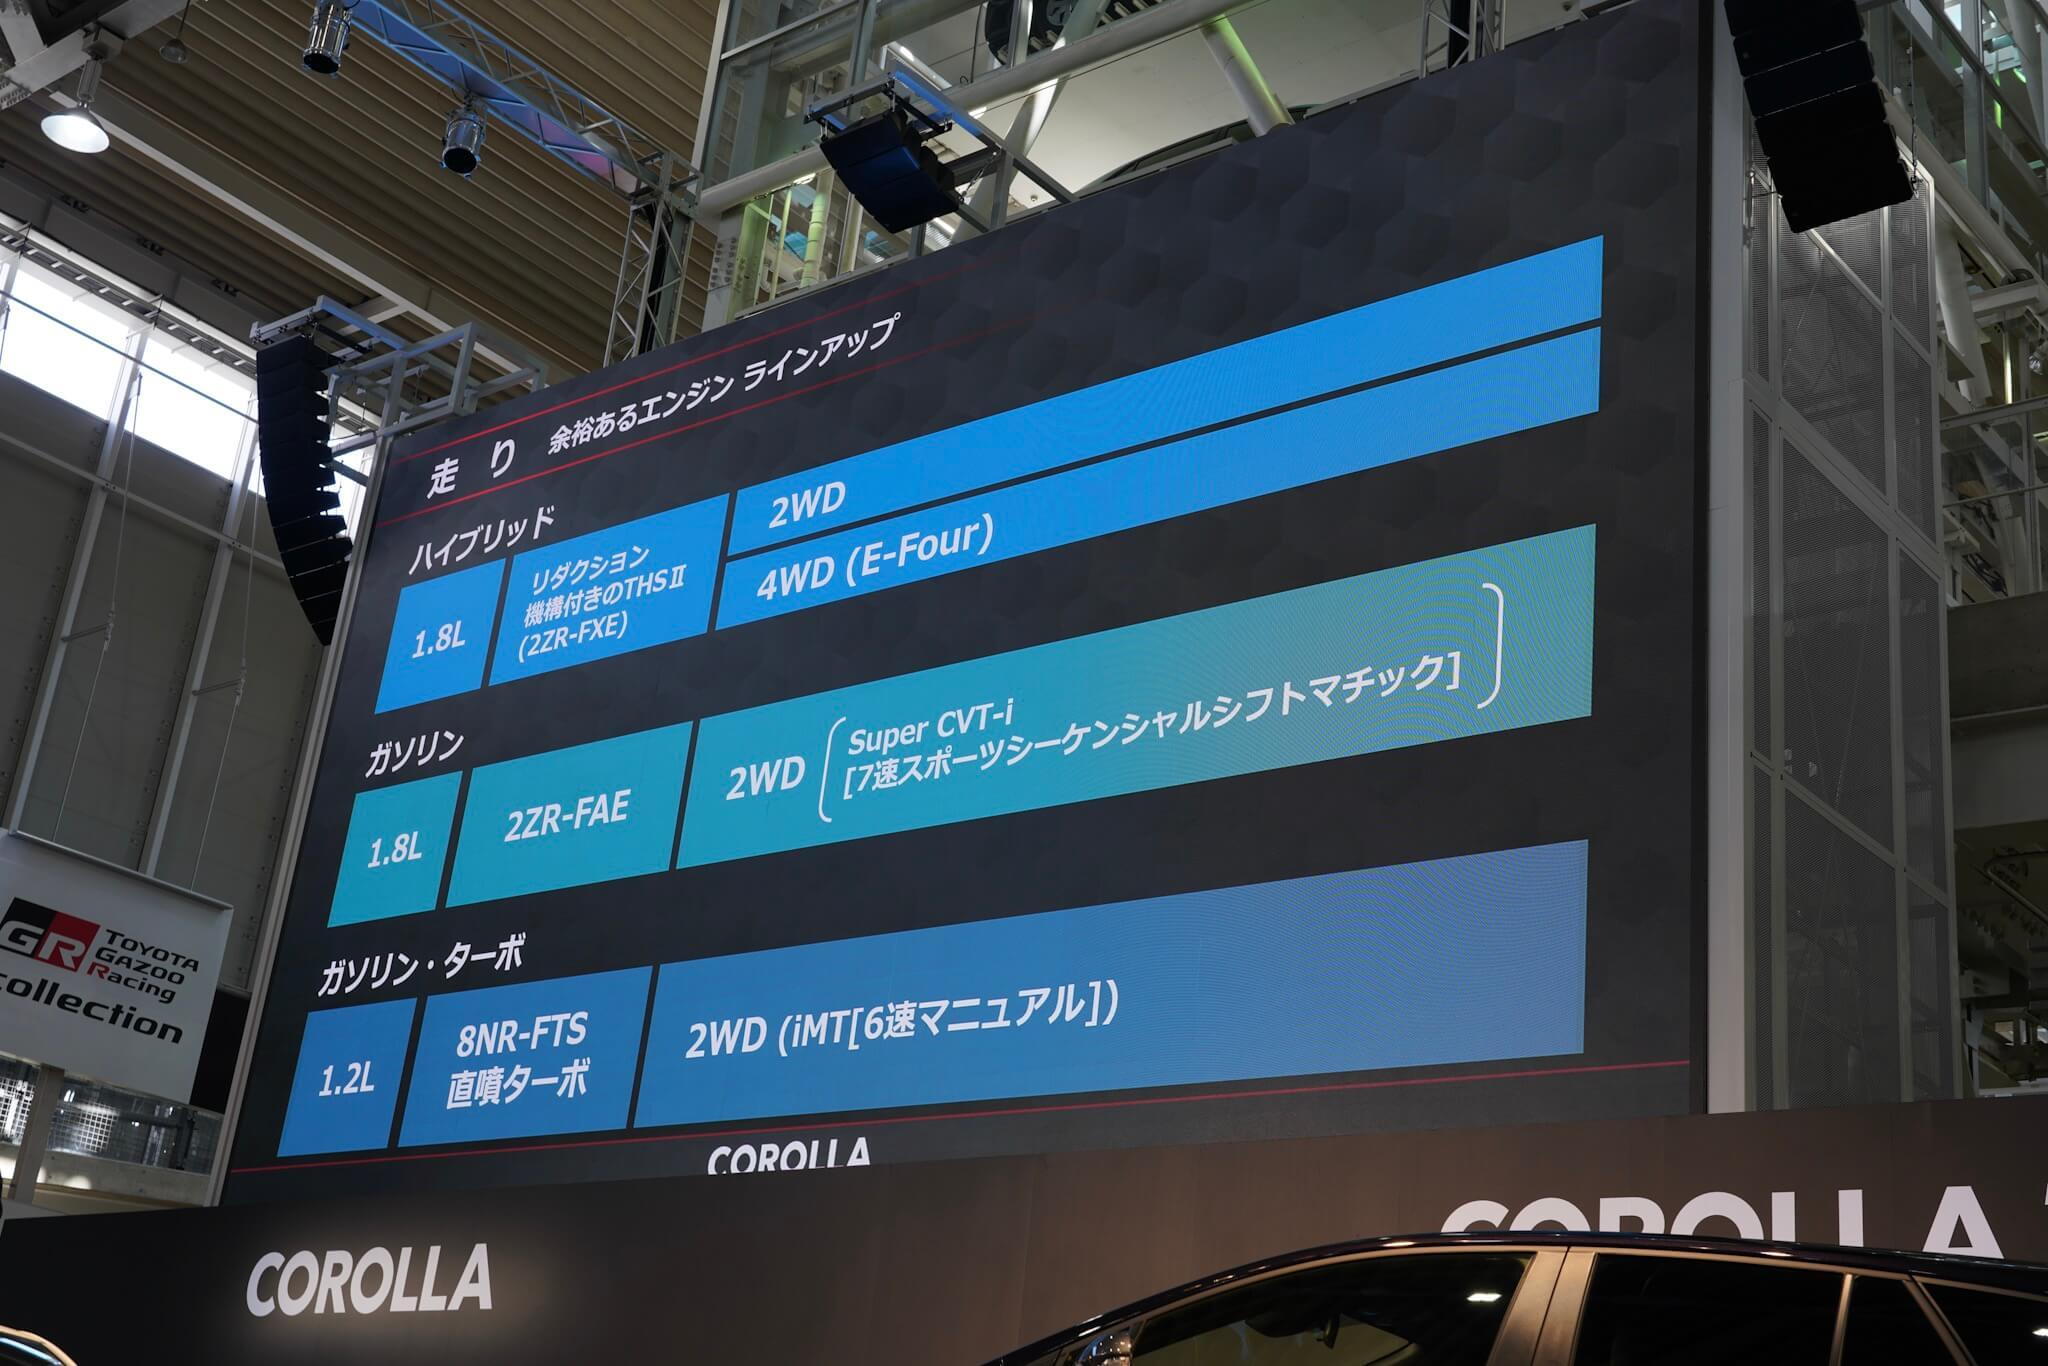 トヨタ カローラ カローラツーリング 発表会資料スライド